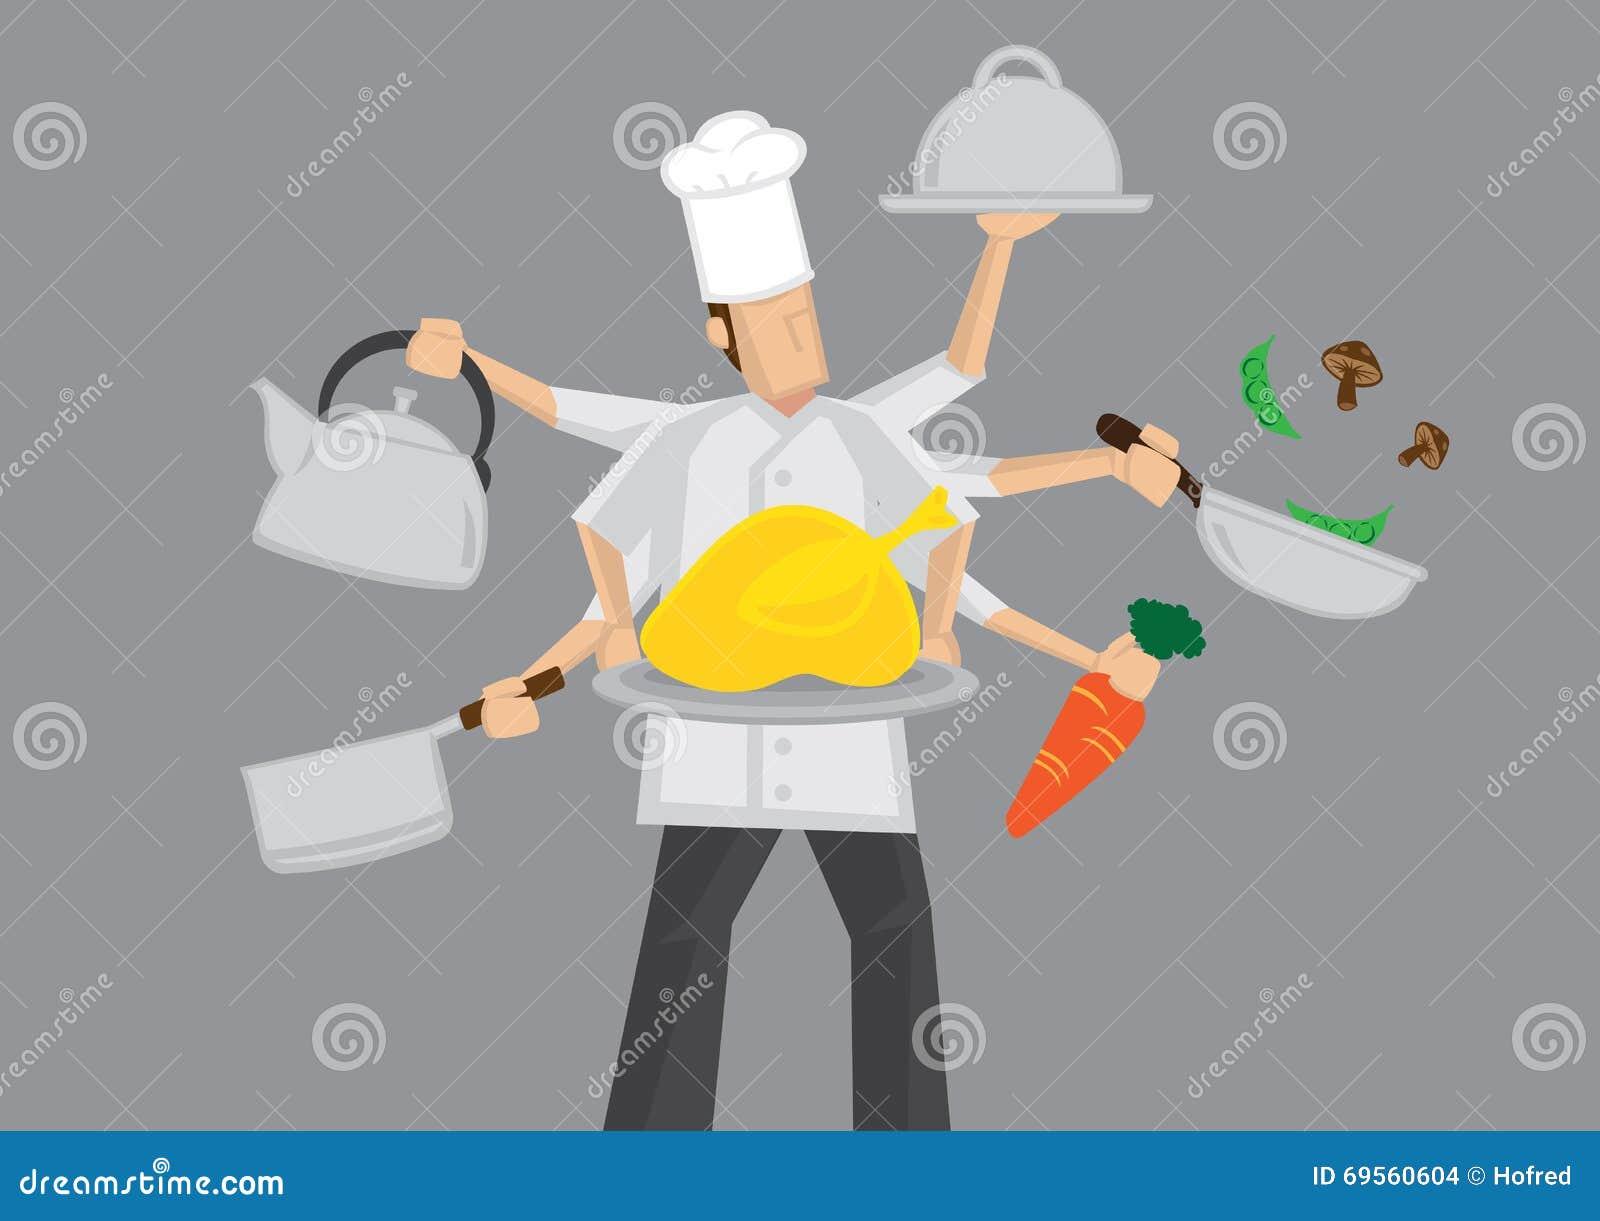 Cozinheiro chefe ocupado Cartoon Vetora Illustration